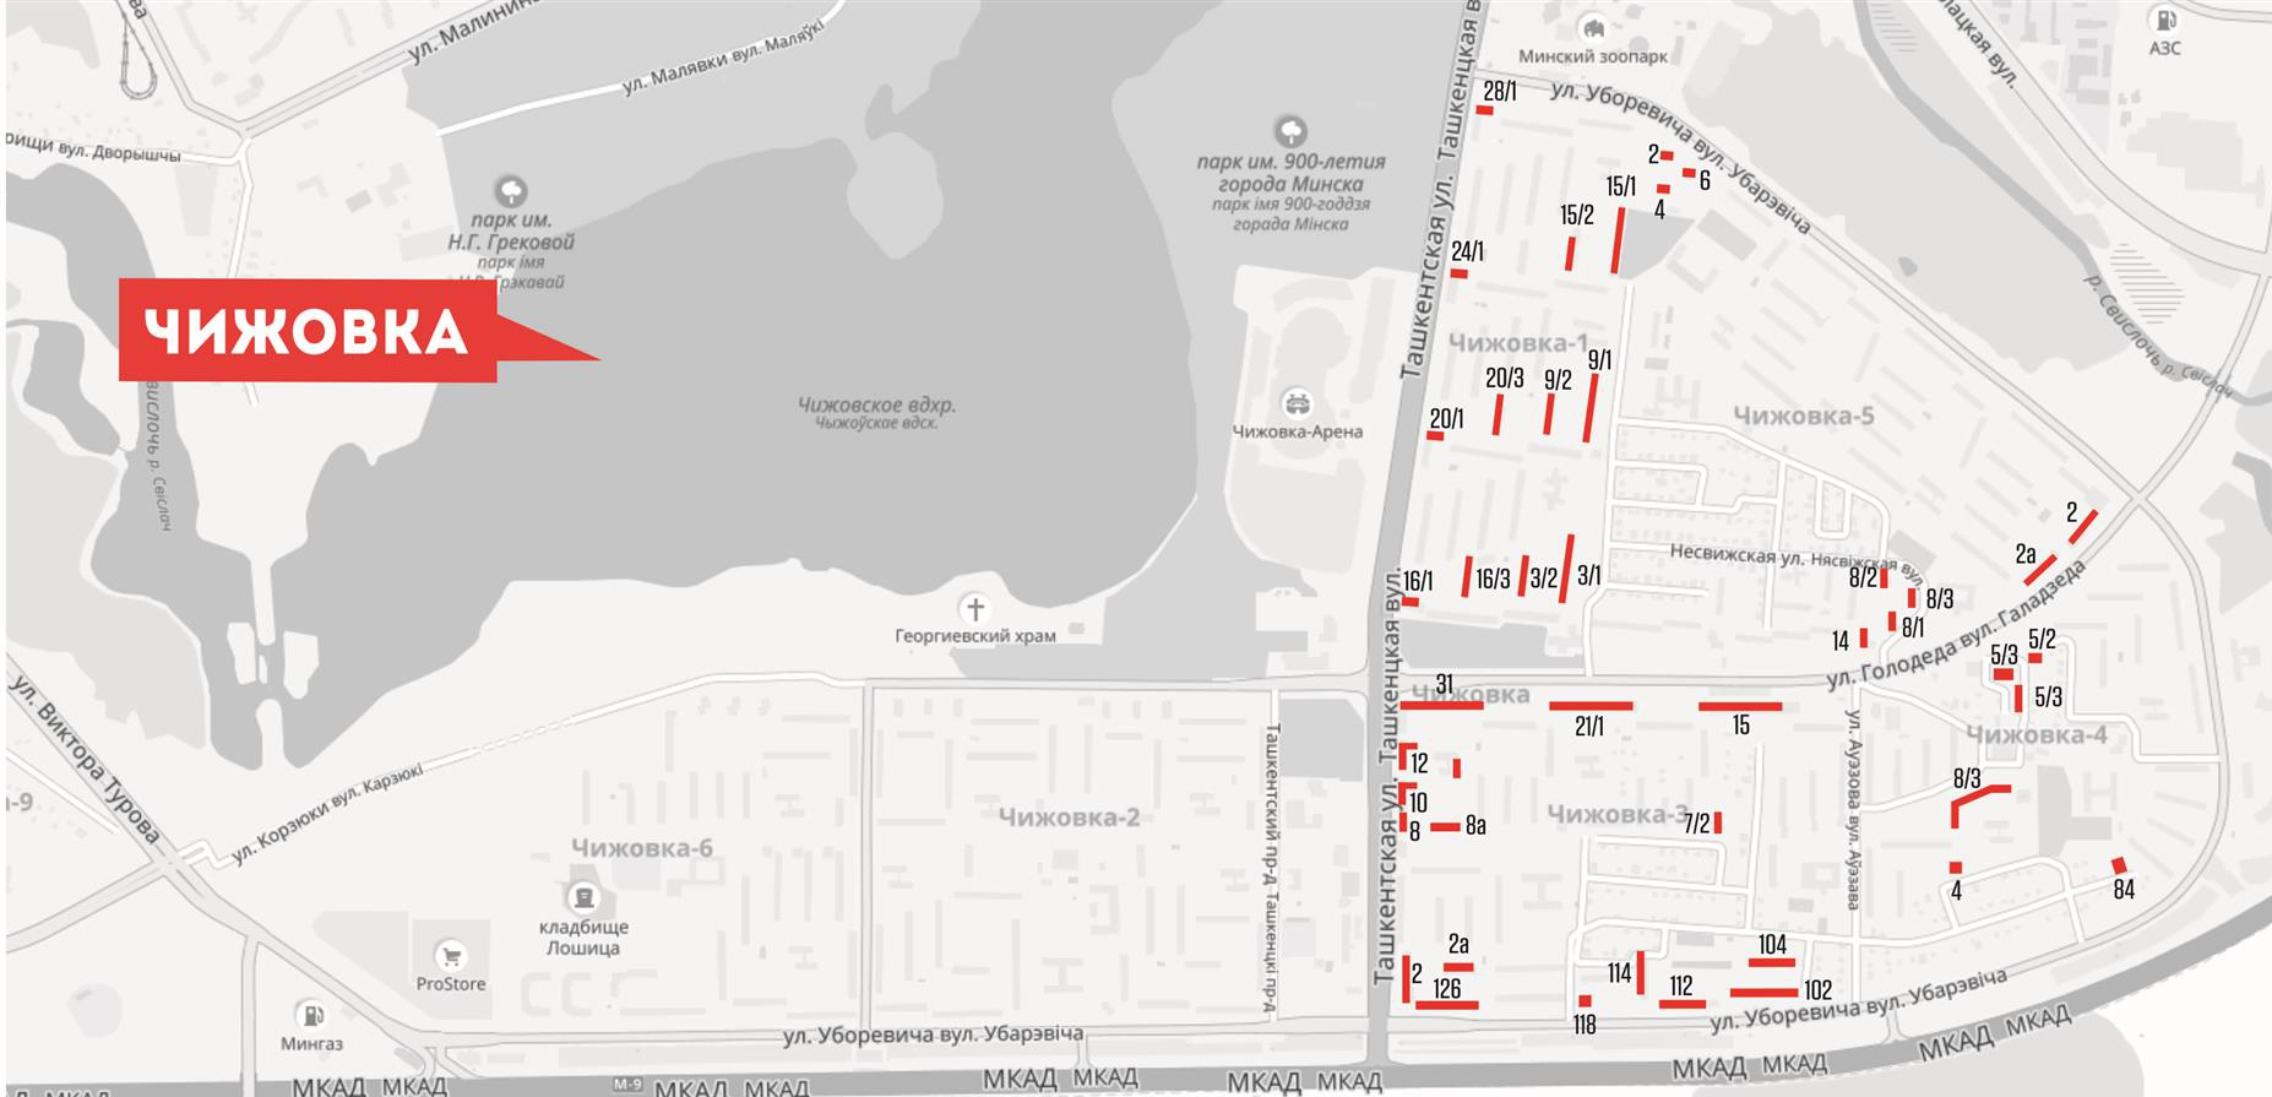 Карта расположения рекламных конструкций в лифтах р-на Чижовка